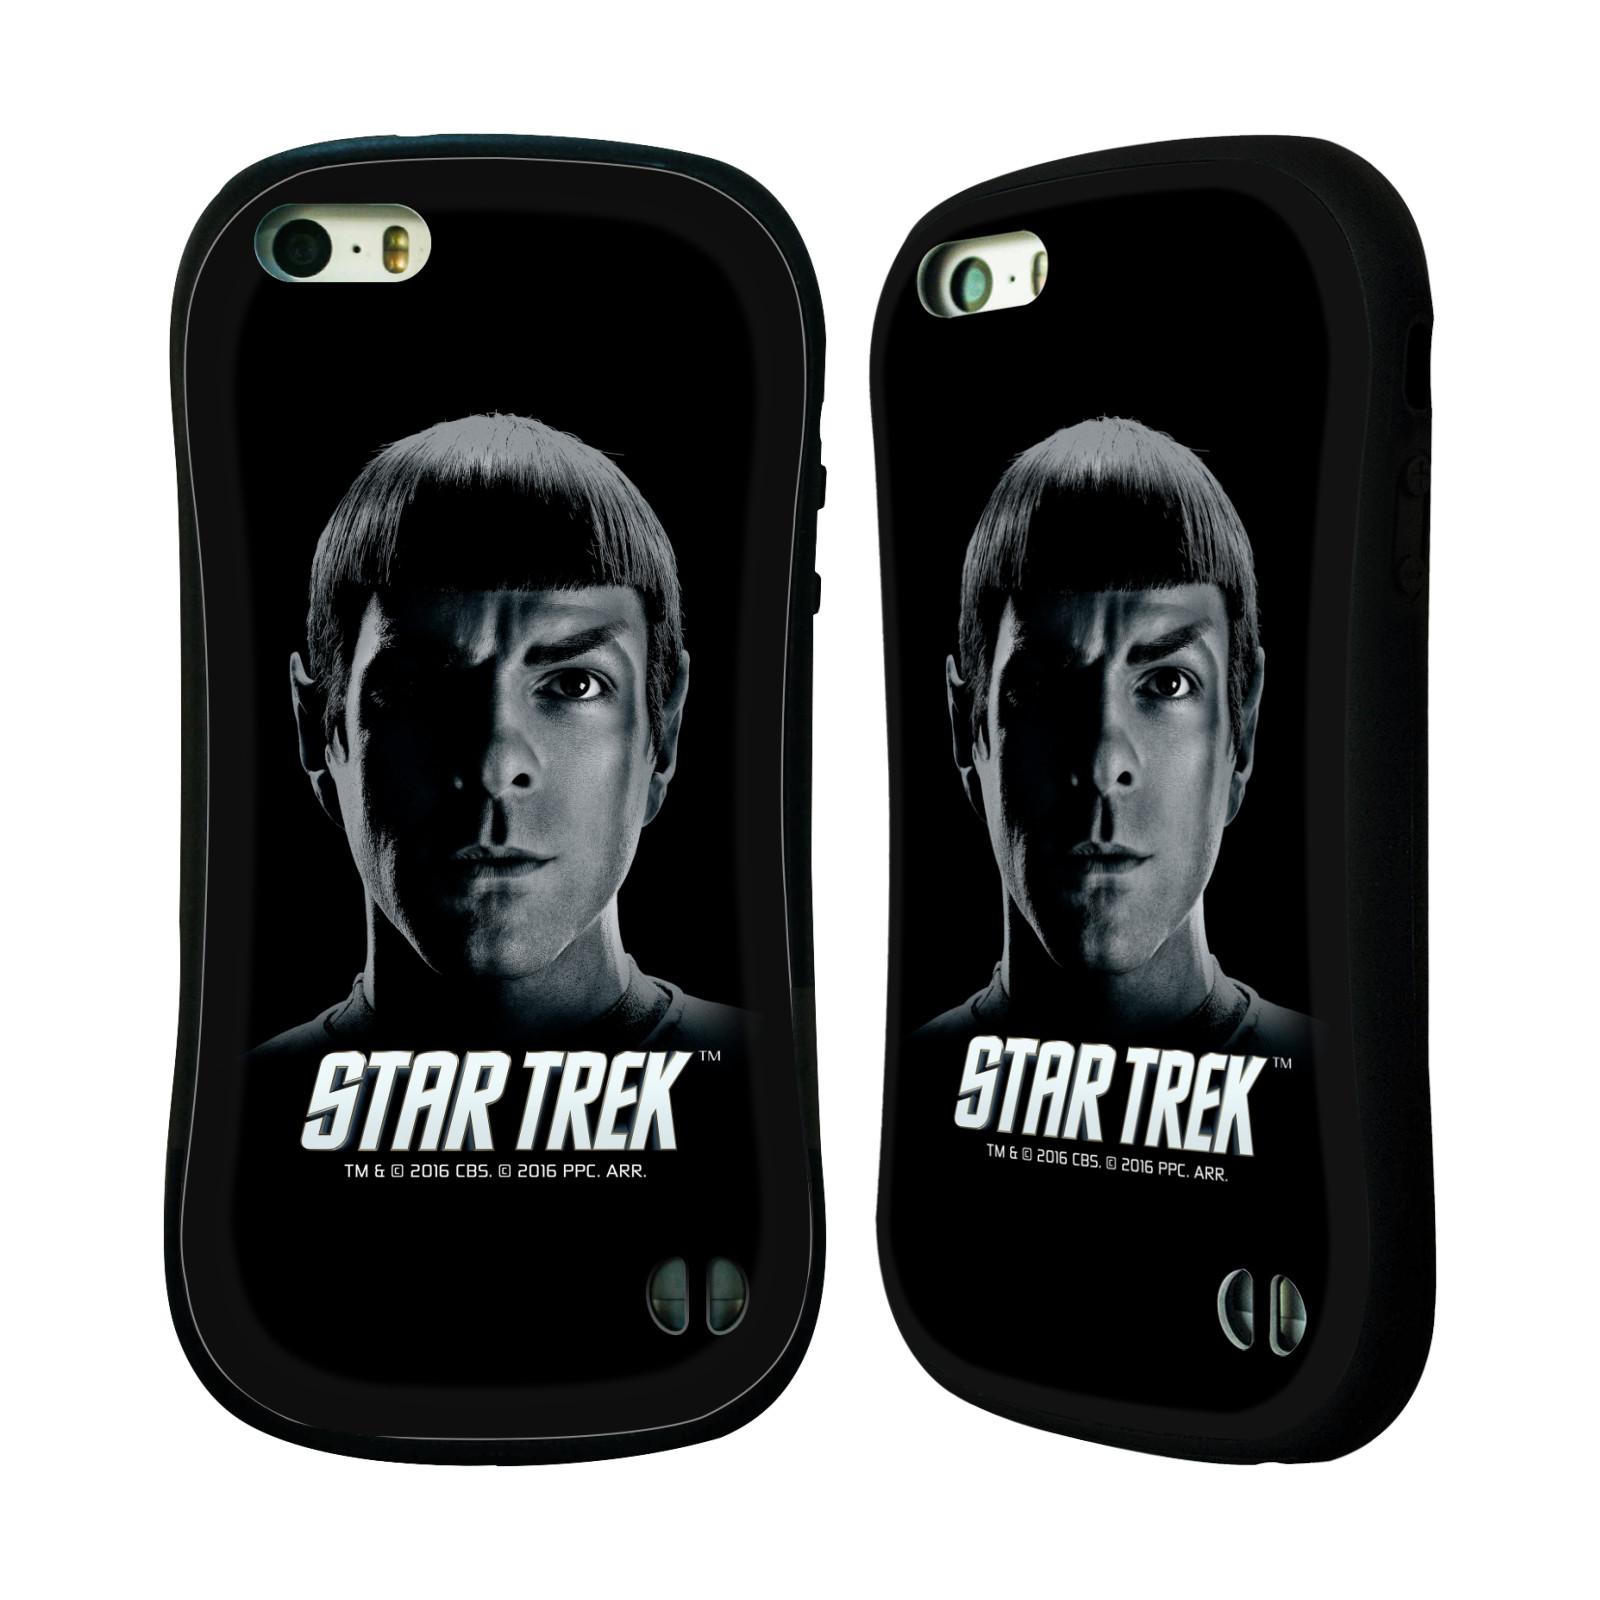 HEAD CASE silikon/plast odolný obal na mobil Apple Iphone 5 / 5S Star Trek Filmové postavy Spock černá